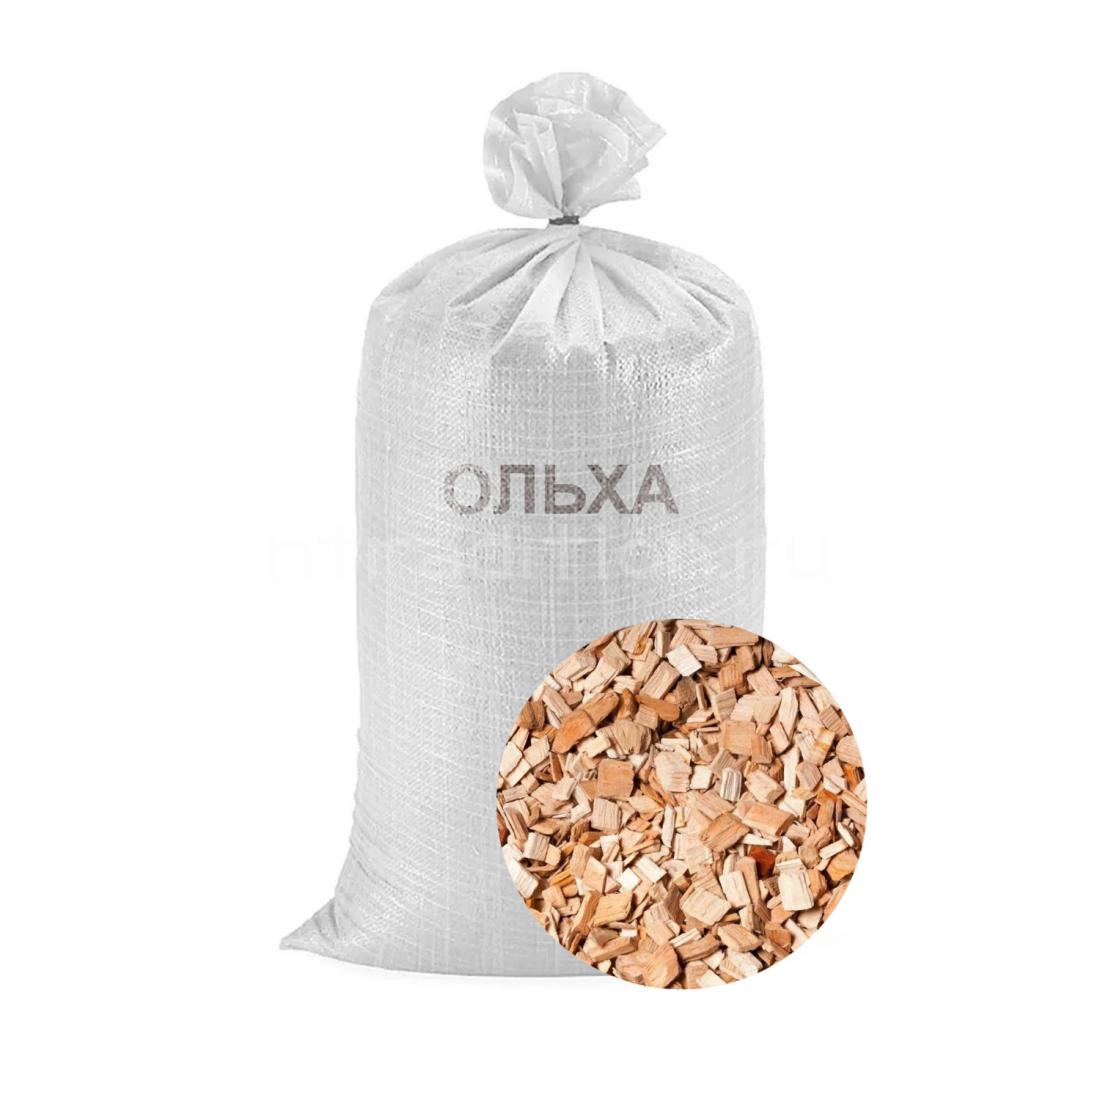 Щепа для копчения, Ольха, мешок 16 кг